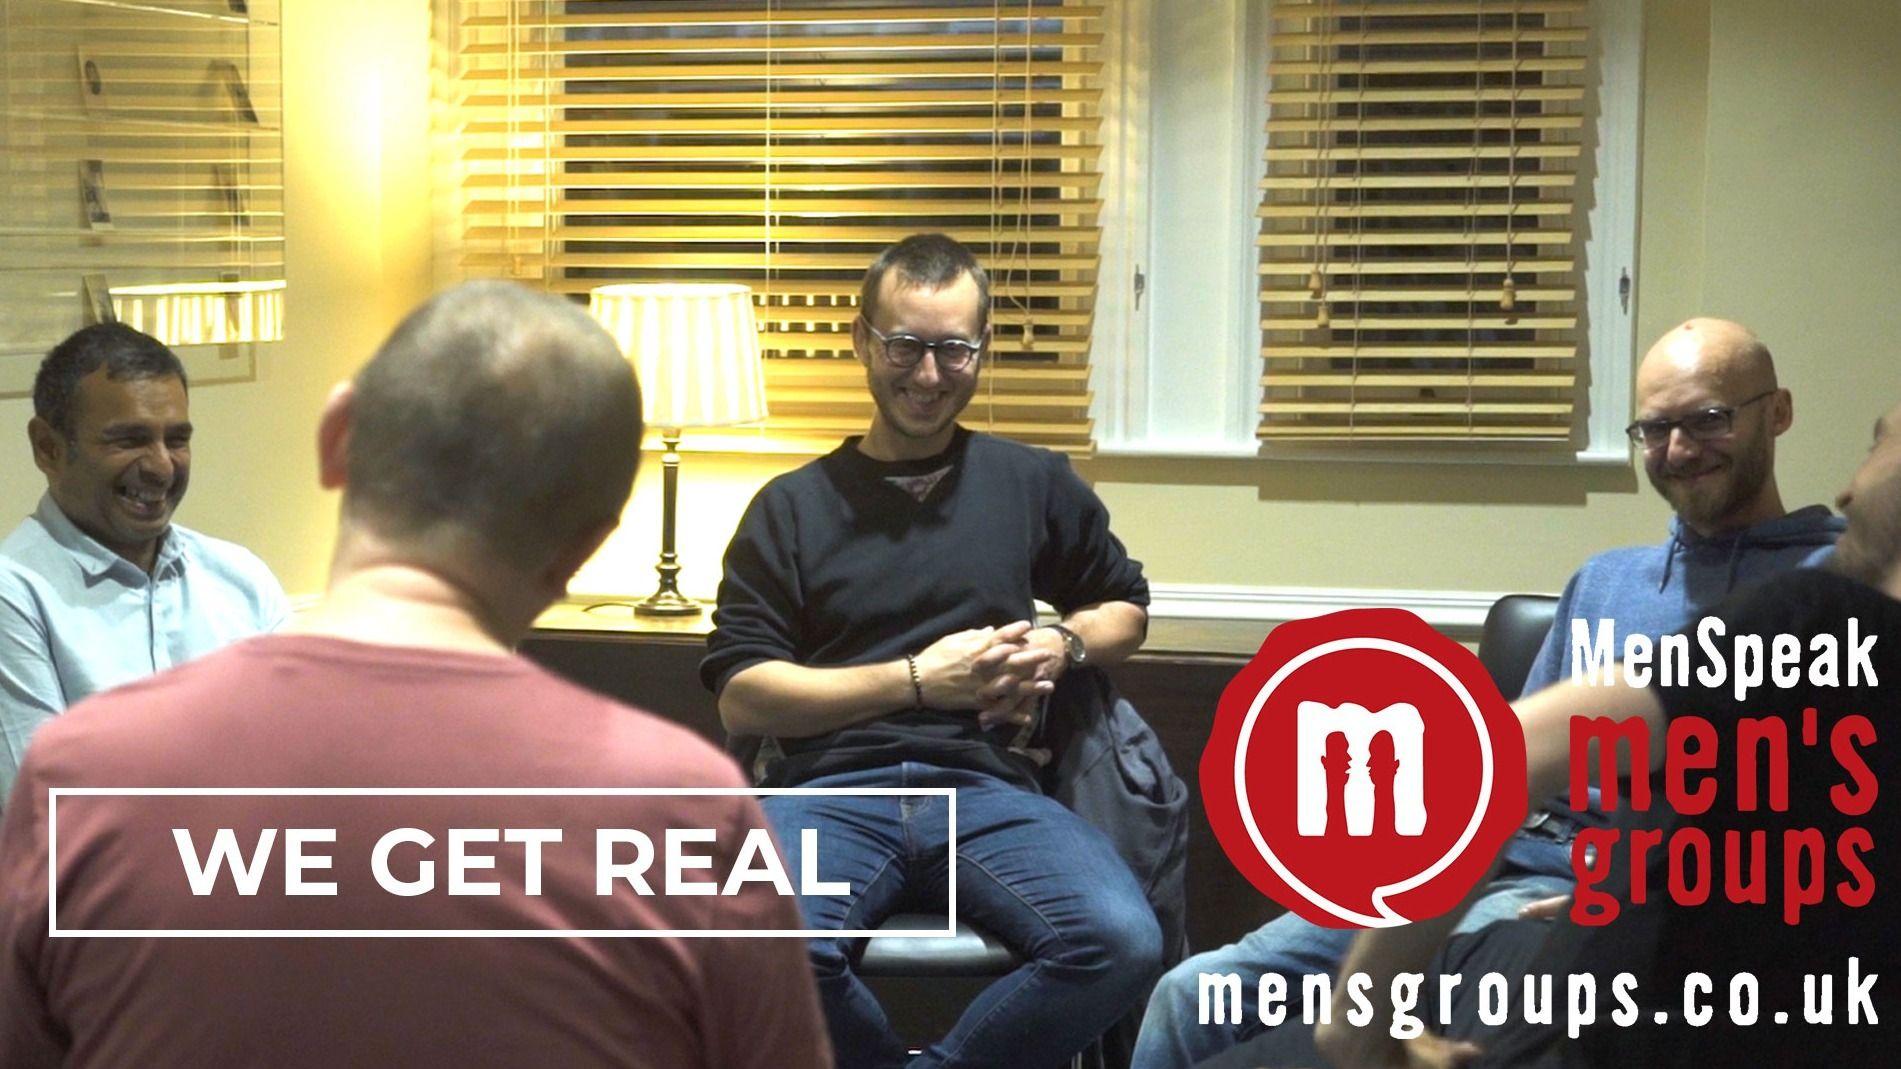 MenSpeak Men's Groups (London / Online)